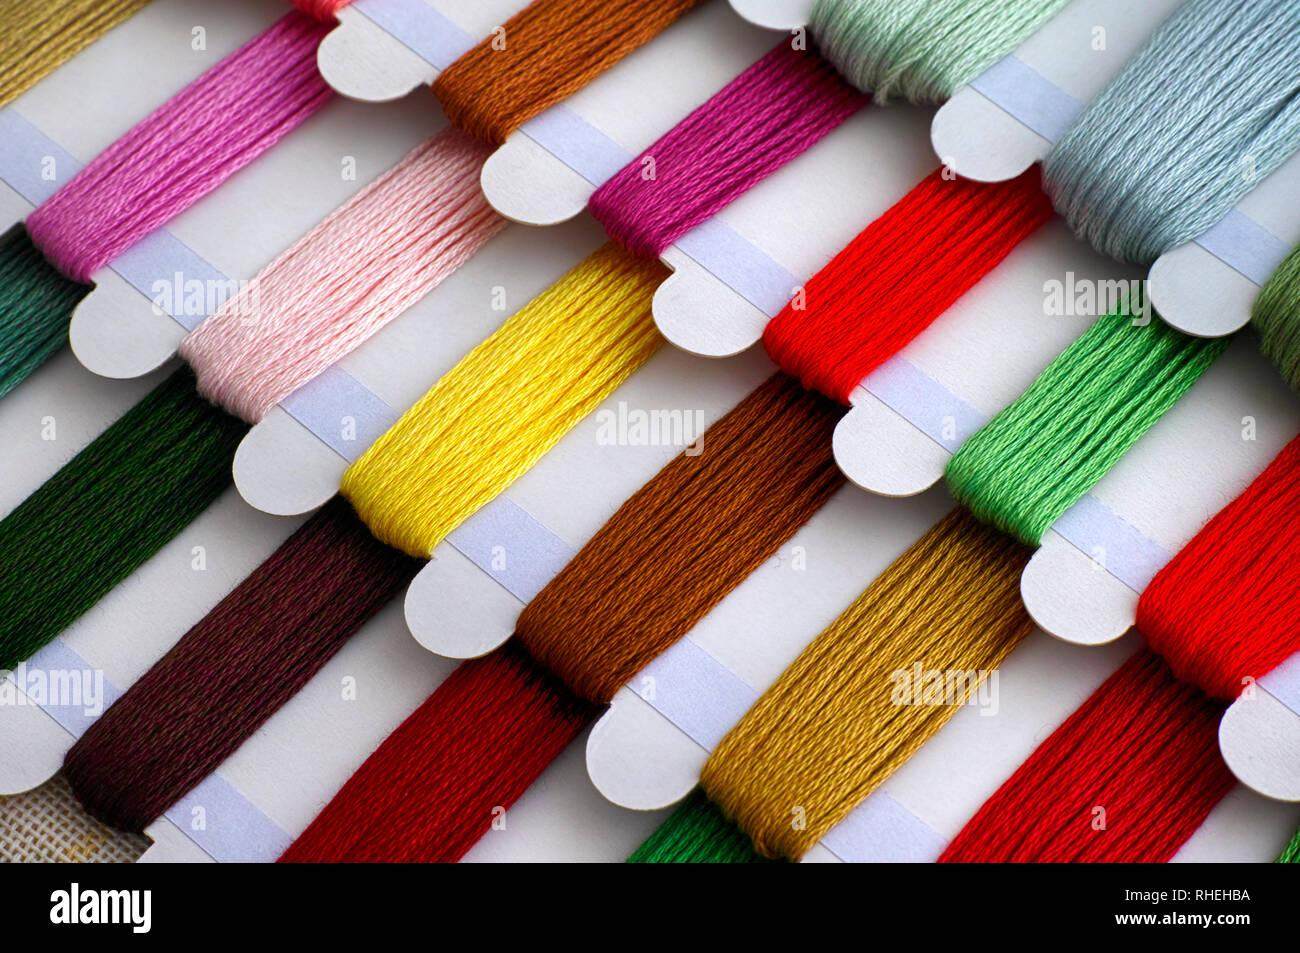 Bordados de colores roscas en los carretes listo para punto de cruz. Close-up. Foto de stock